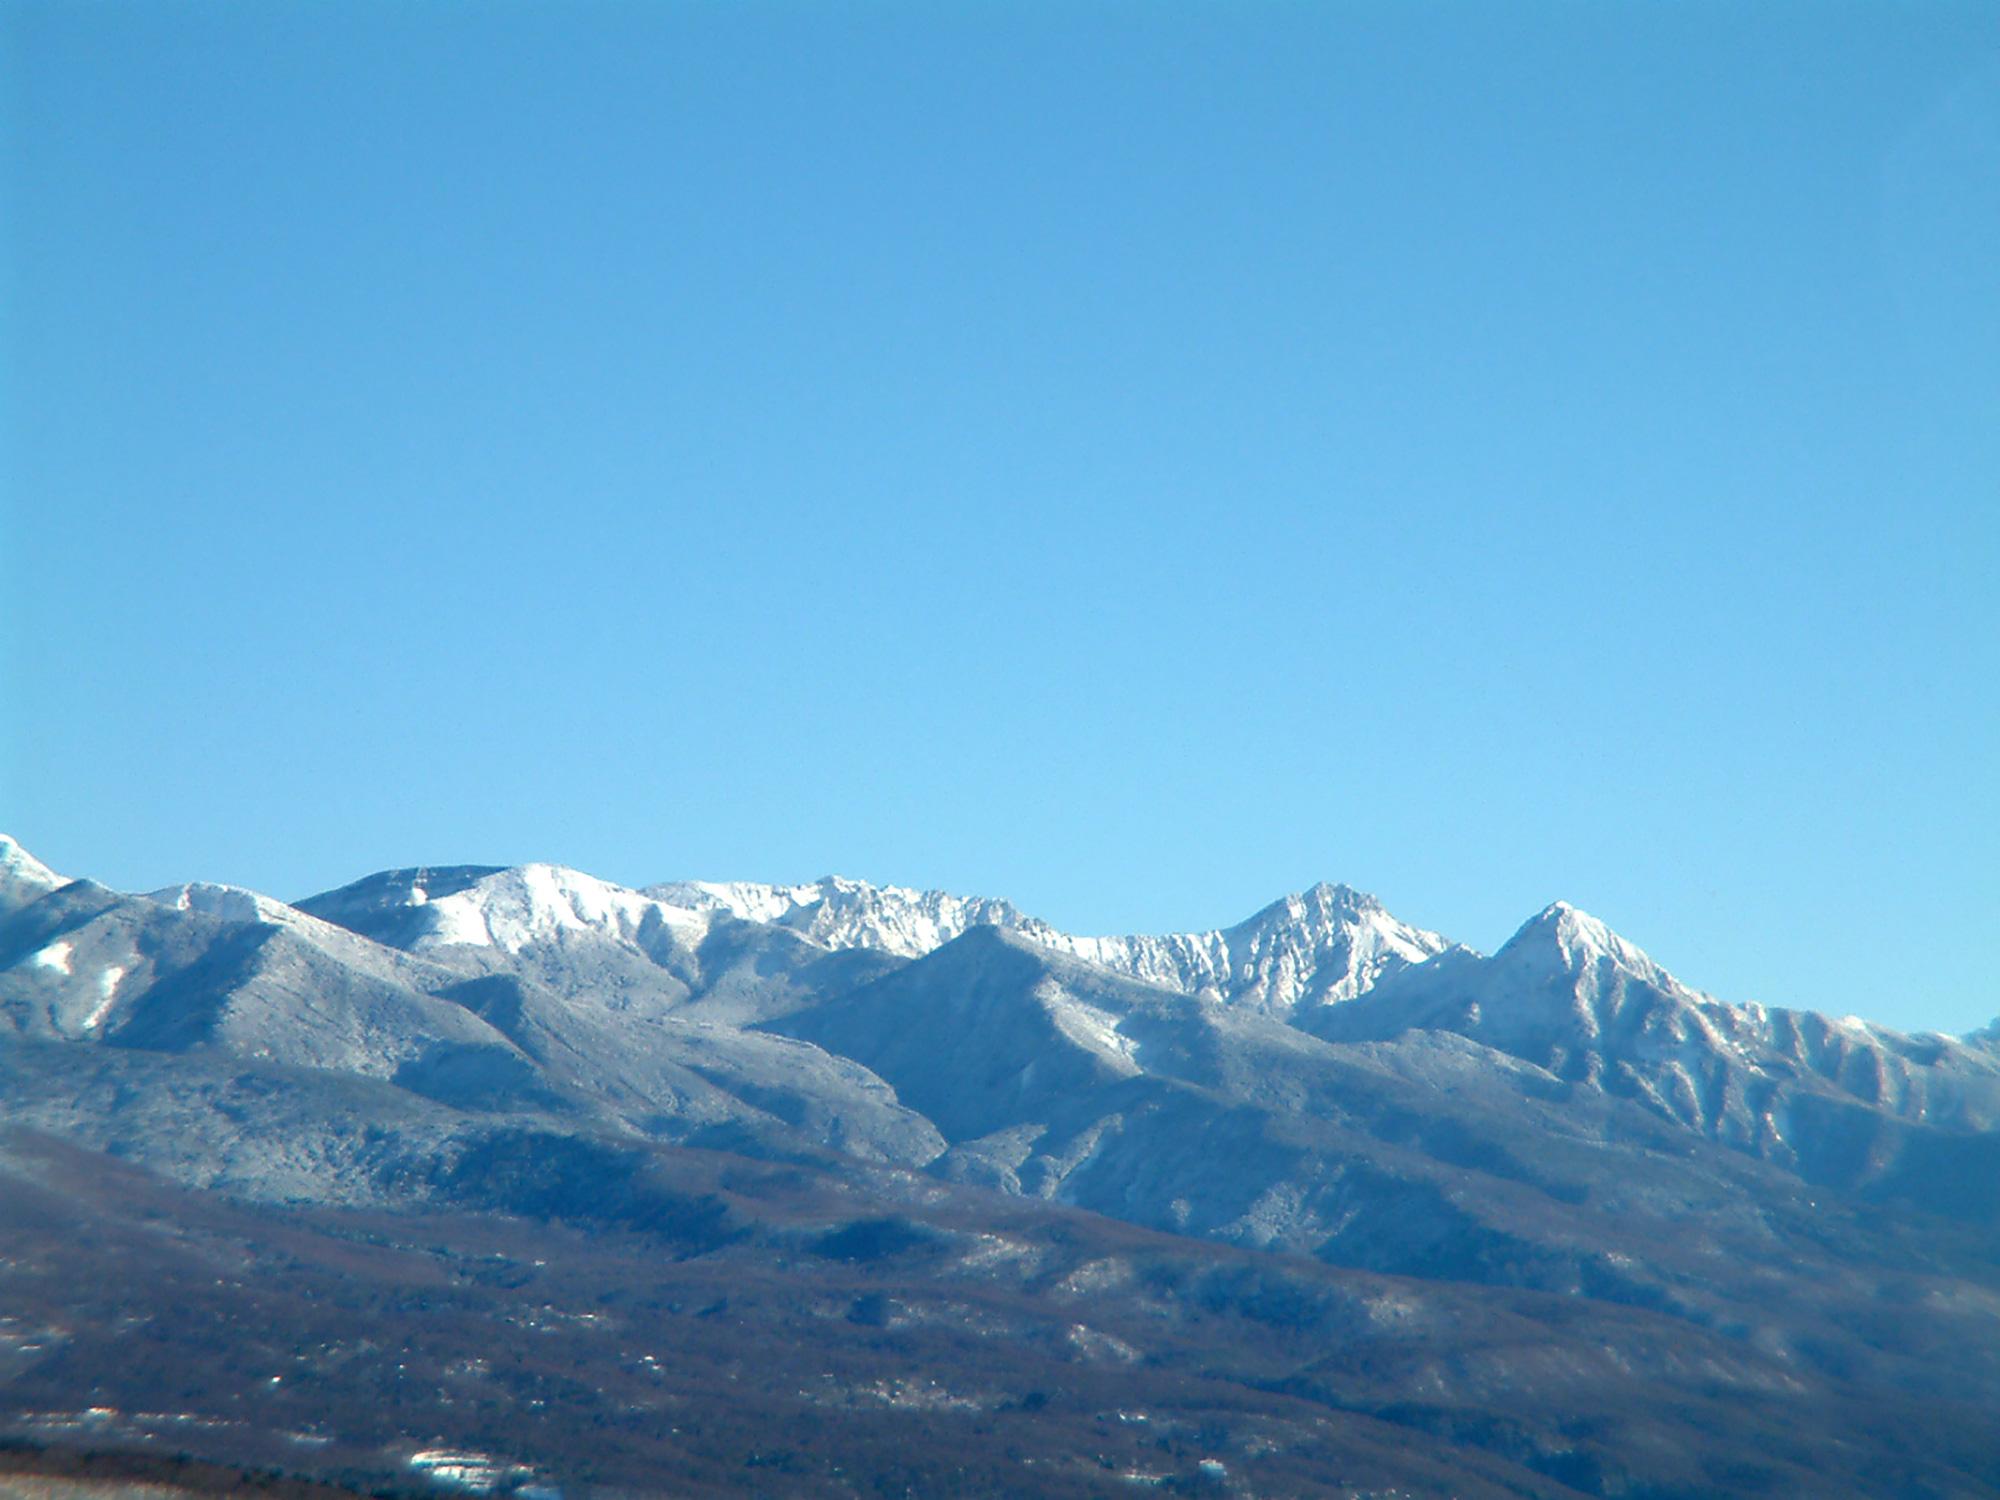 雪山と青空の写真のフリー素材